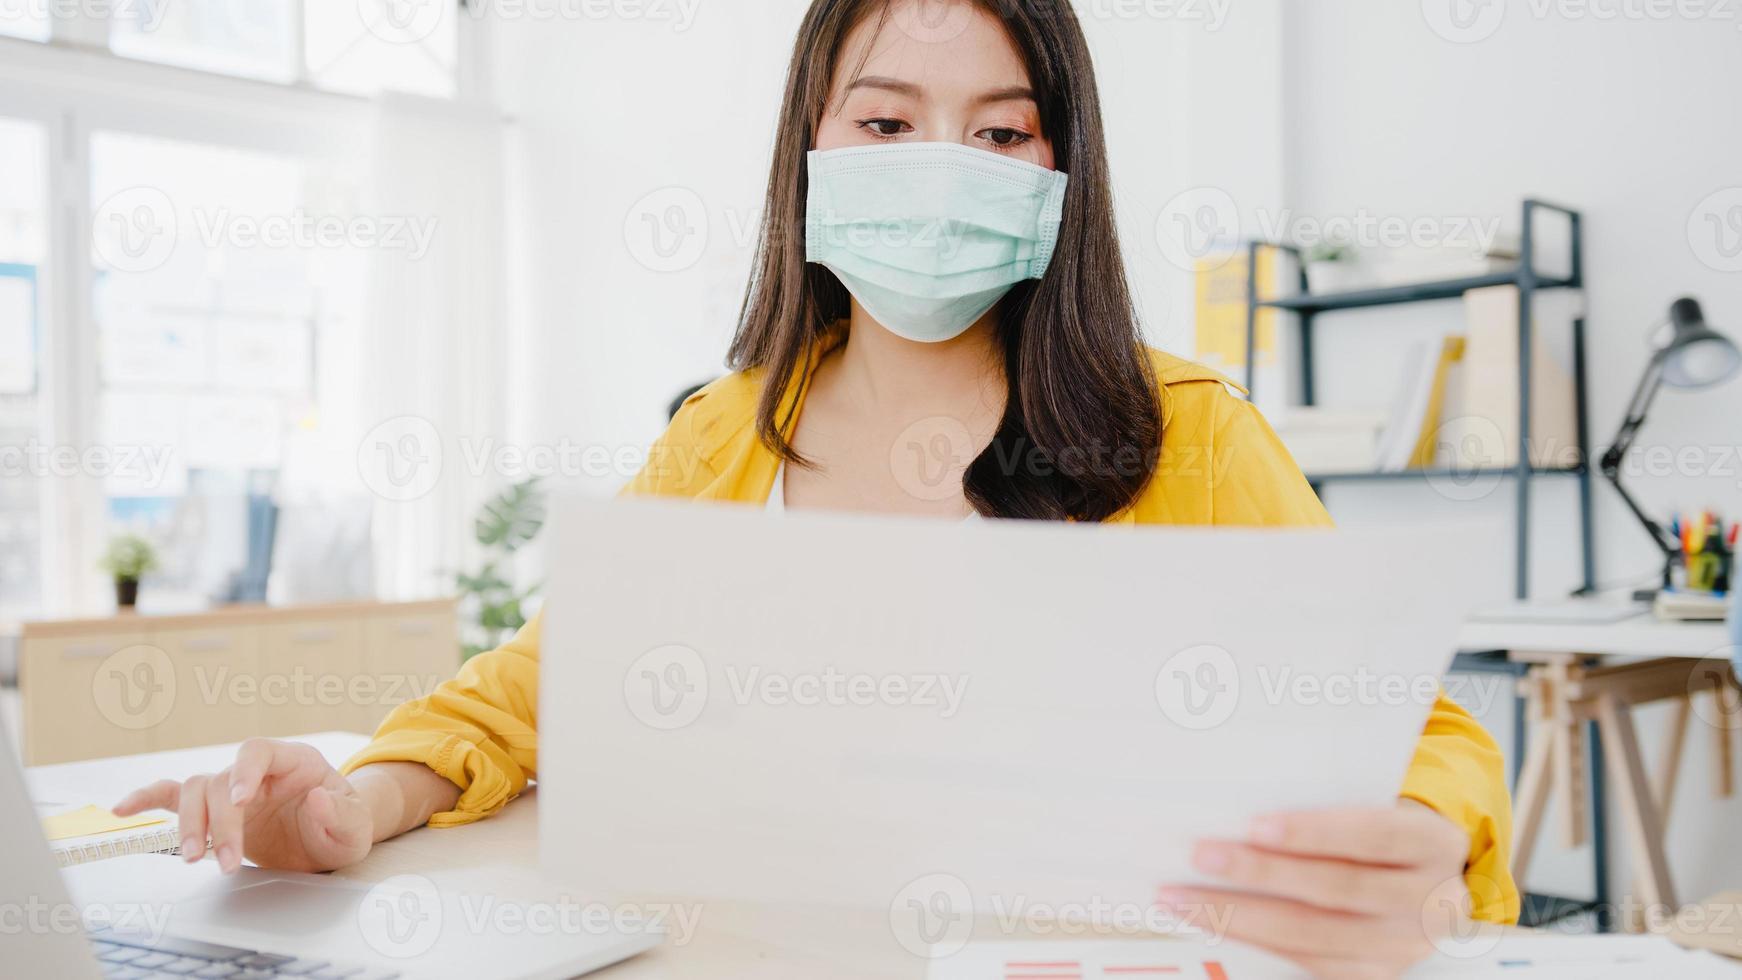 azië zakenvrouw ondernemer met medisch gezichtsmasker voor sociale afstand in nieuwe normale situatie voor viruspreventie tijdens het gebruik van laptop terug op het werk op kantoor. levensstijl na het coronavirus. foto